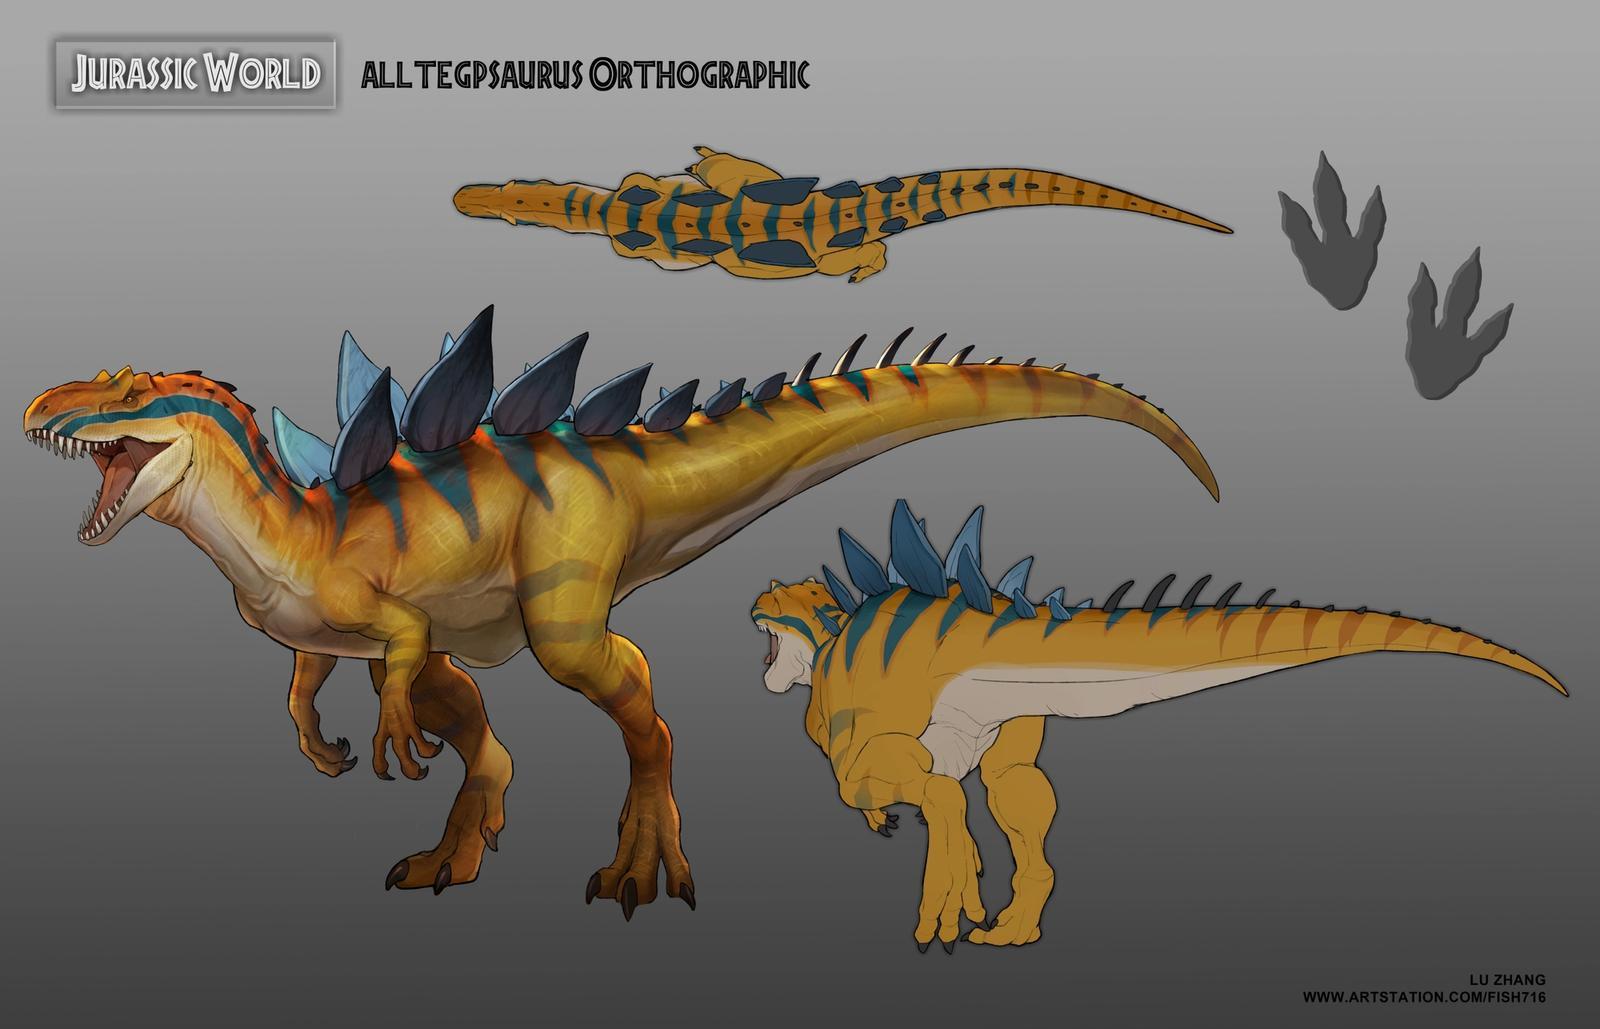 Jurrasic World - Alltegpsaurus